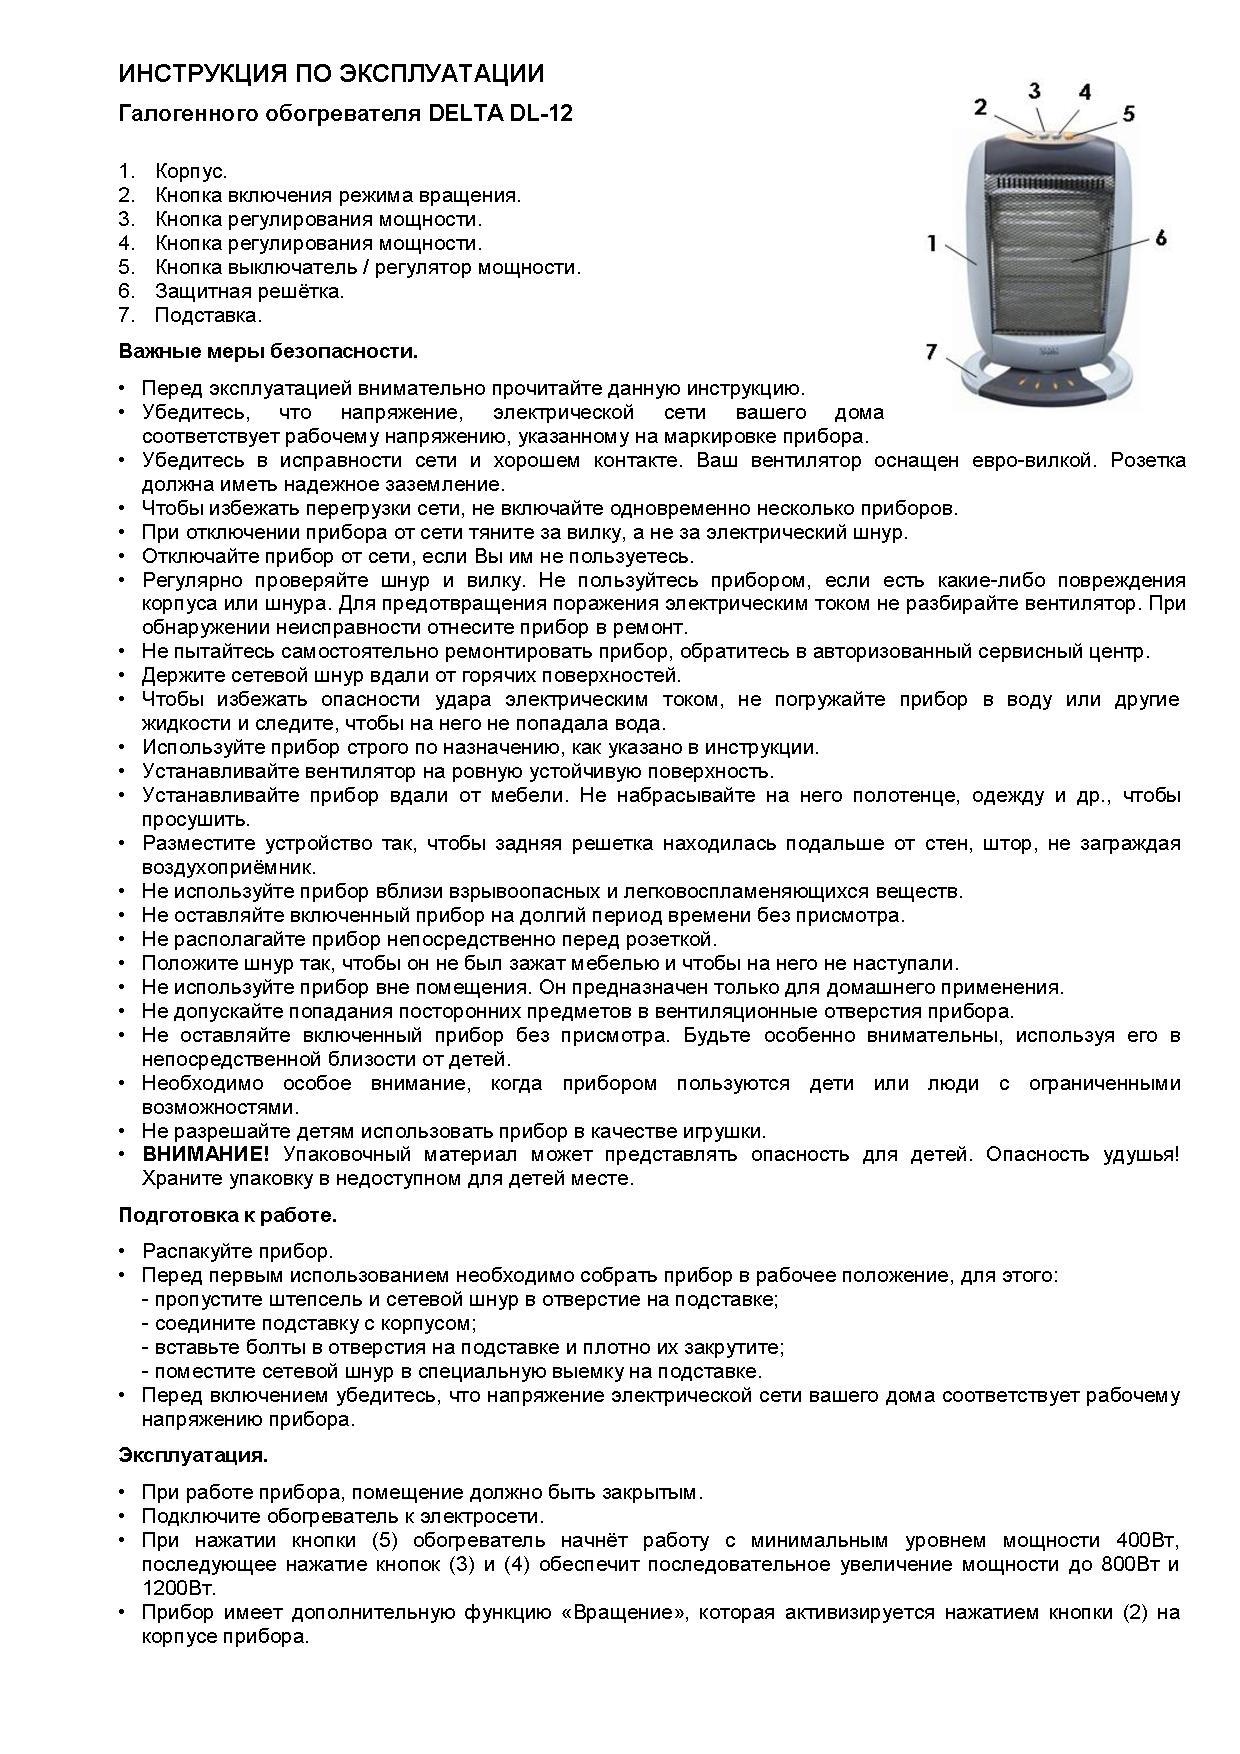 Инструкция на обогреватель DELTA D-12